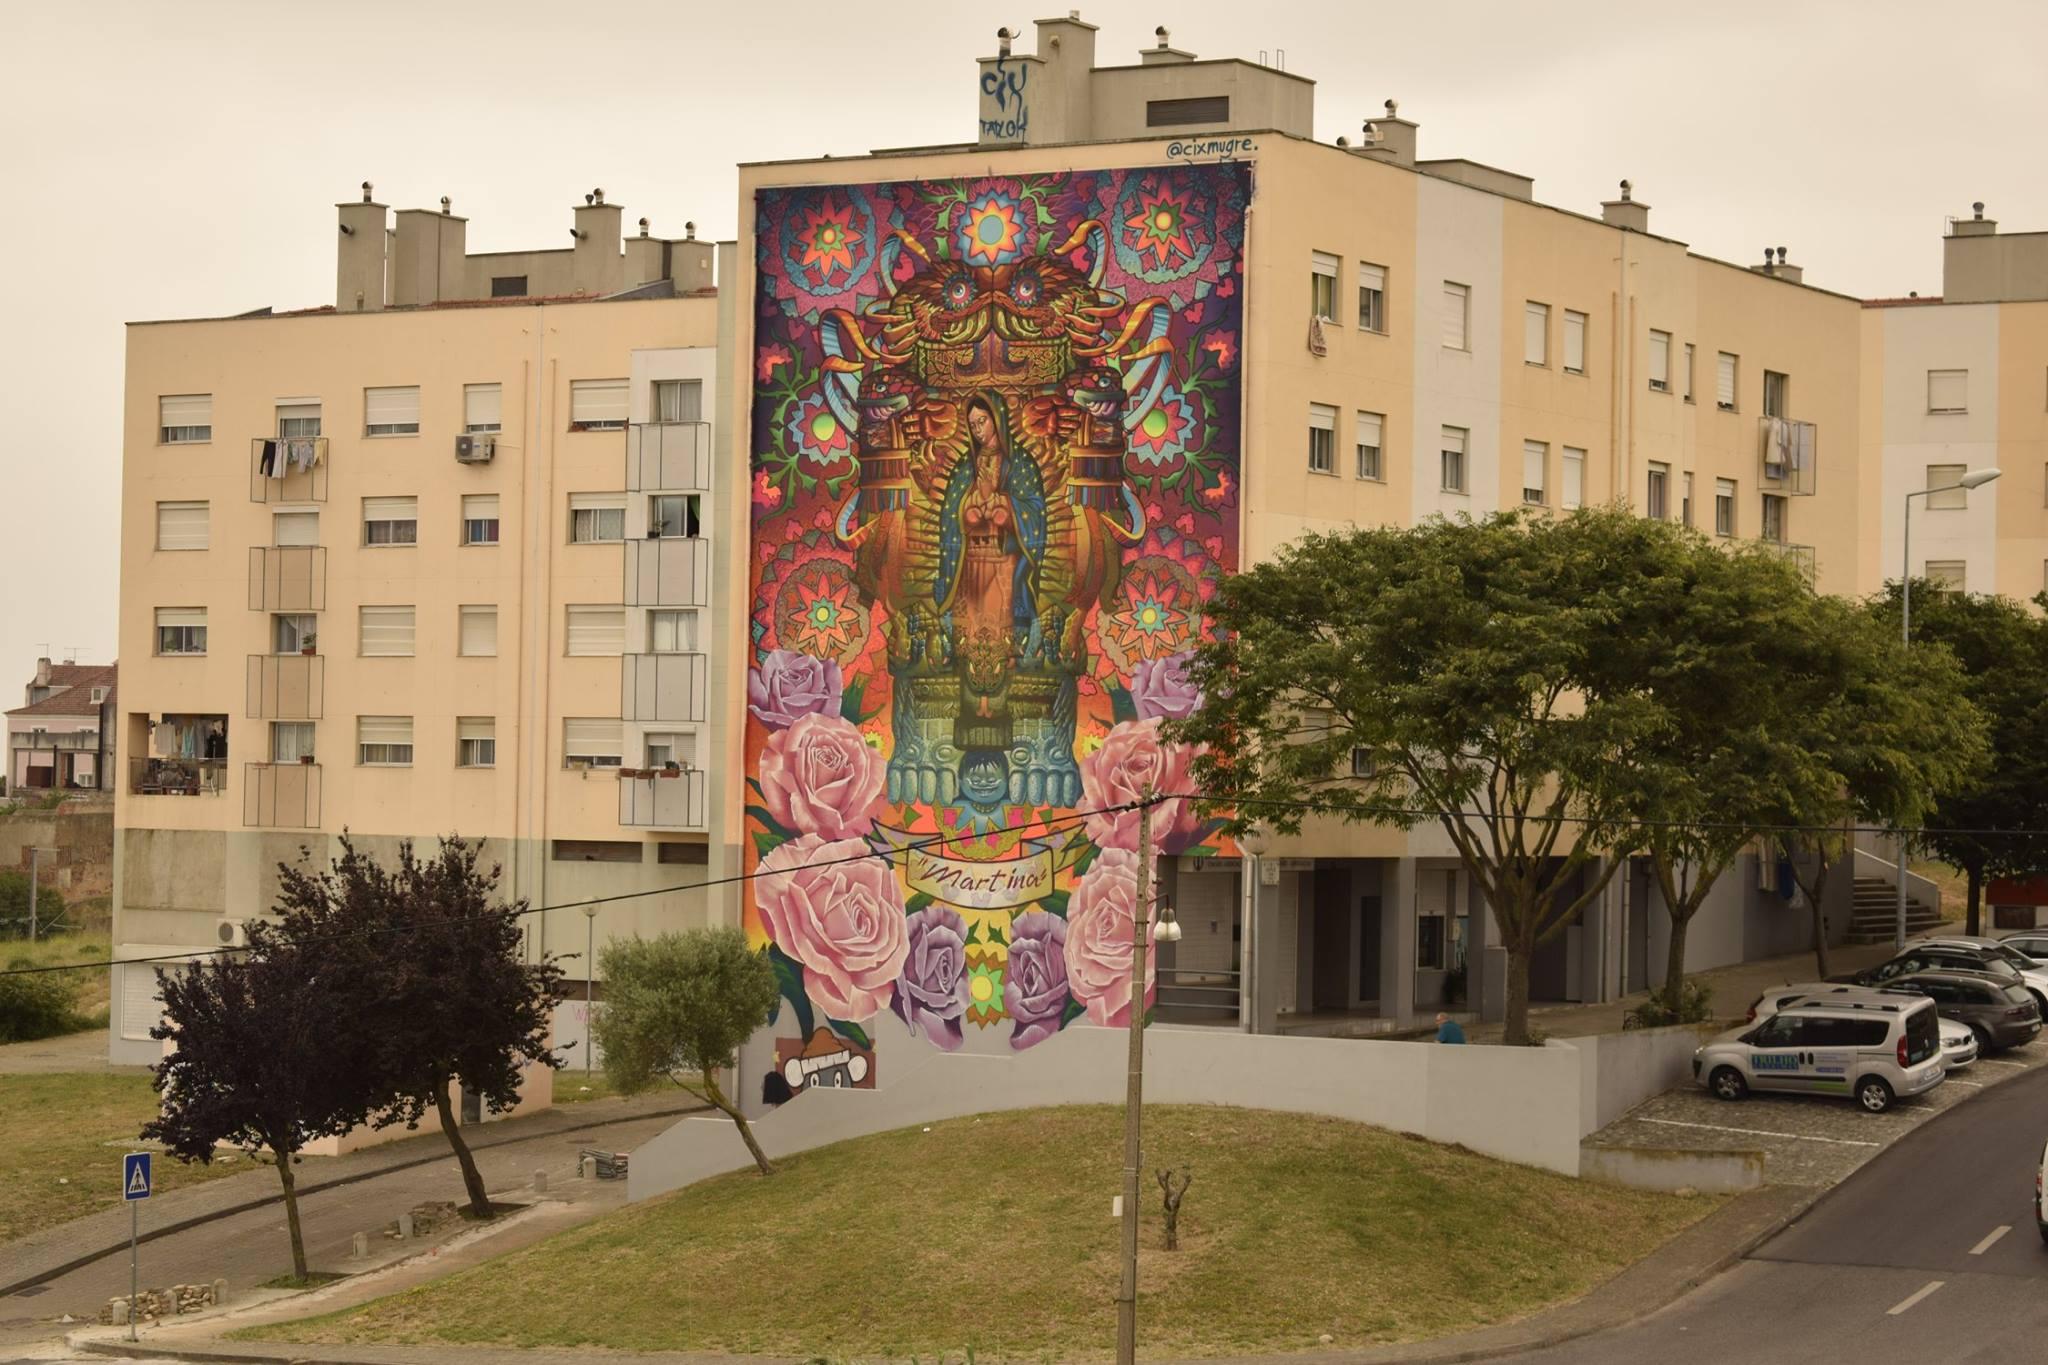 muro festival arte urbana marvila lisboa 2017 (11)